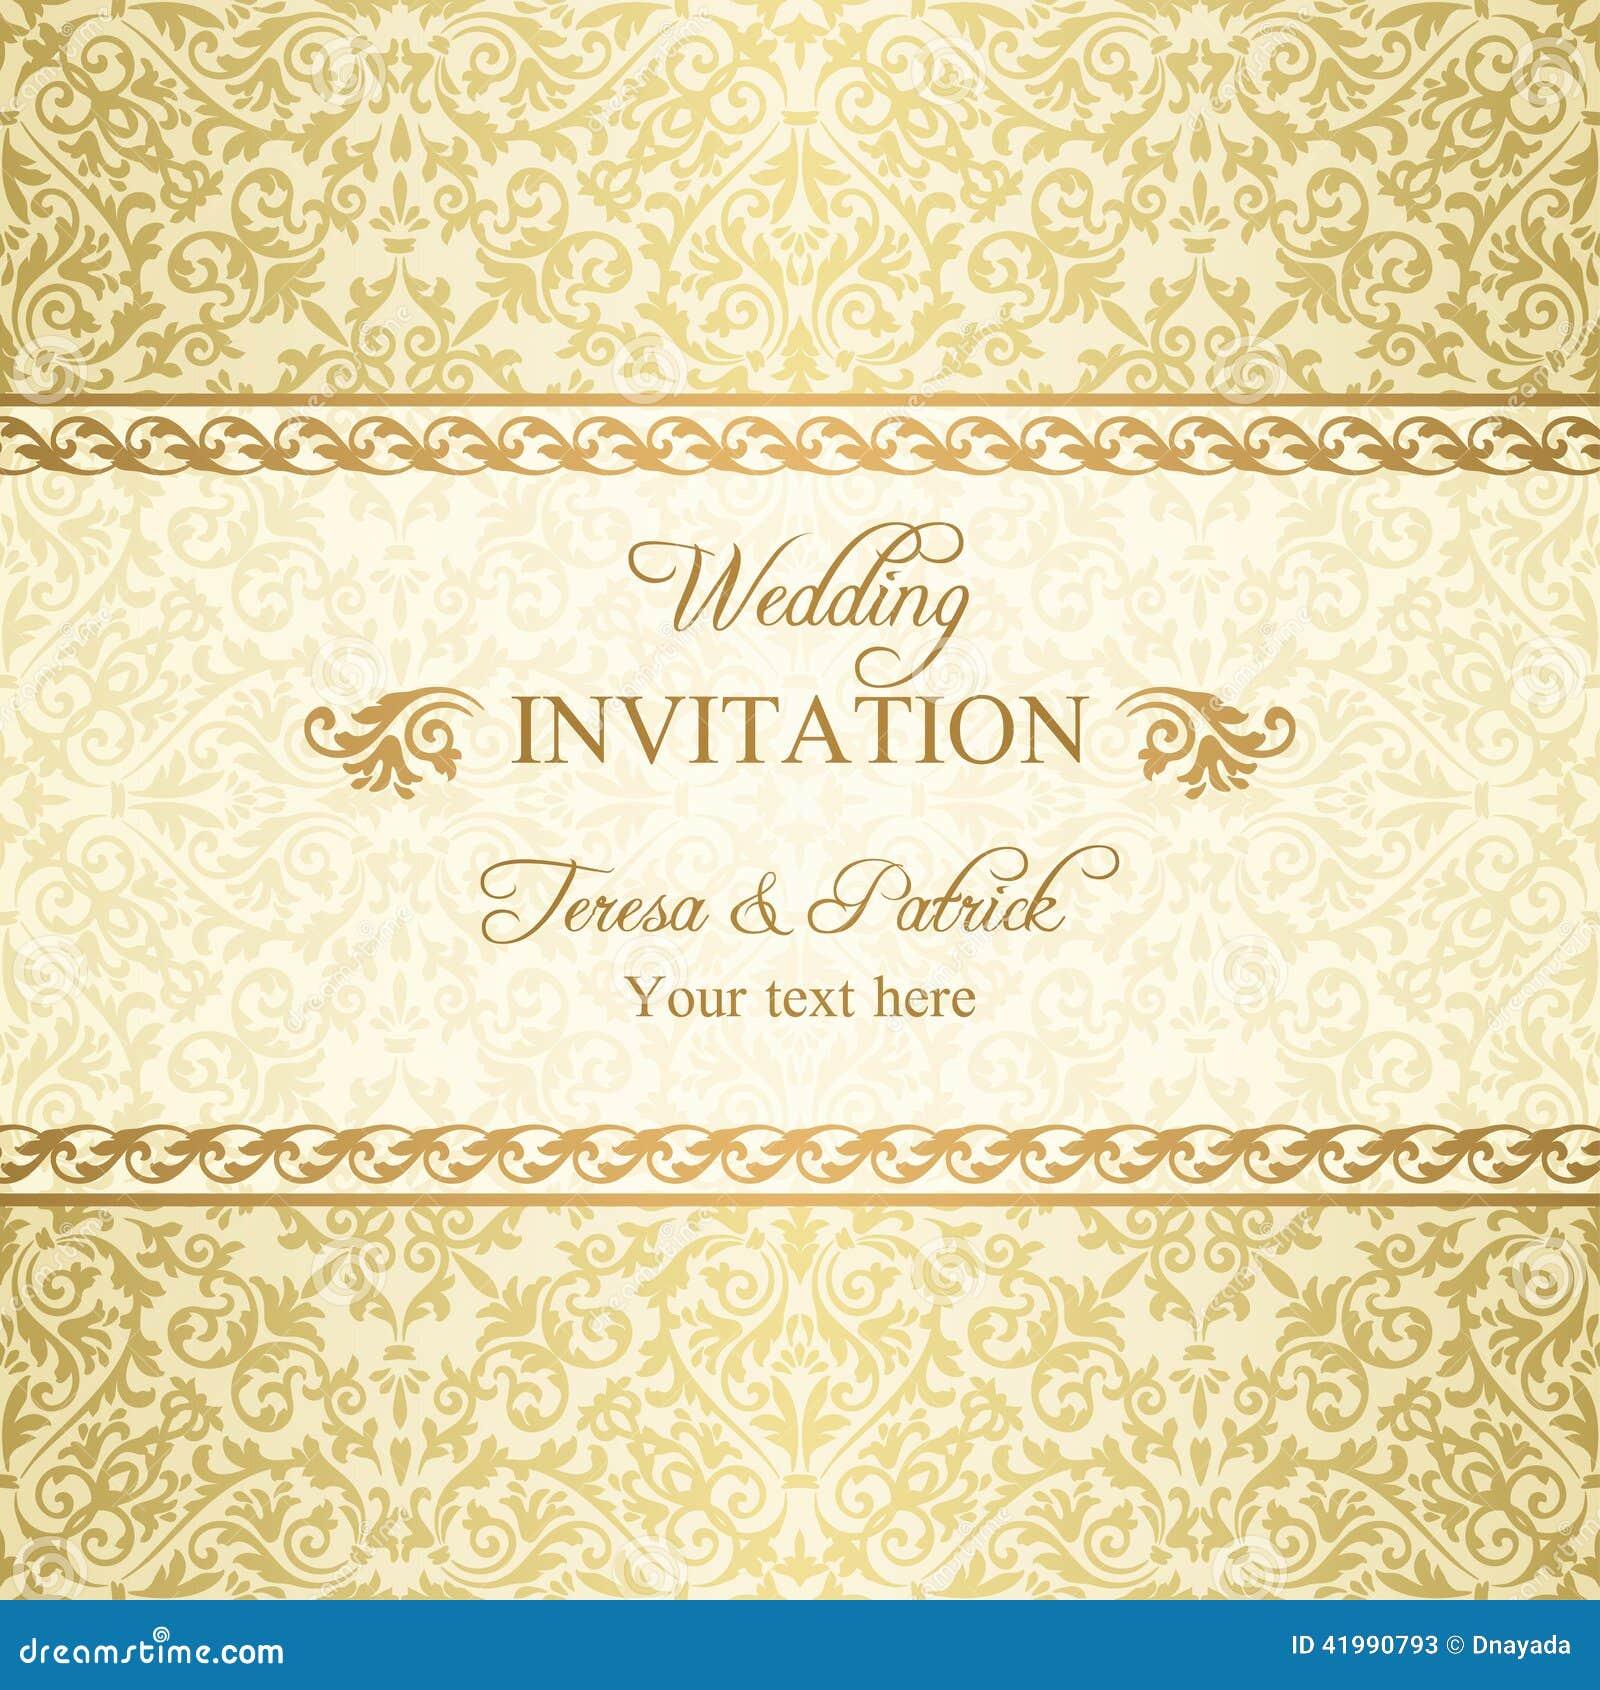 Barocke hochzeitseinladung gold